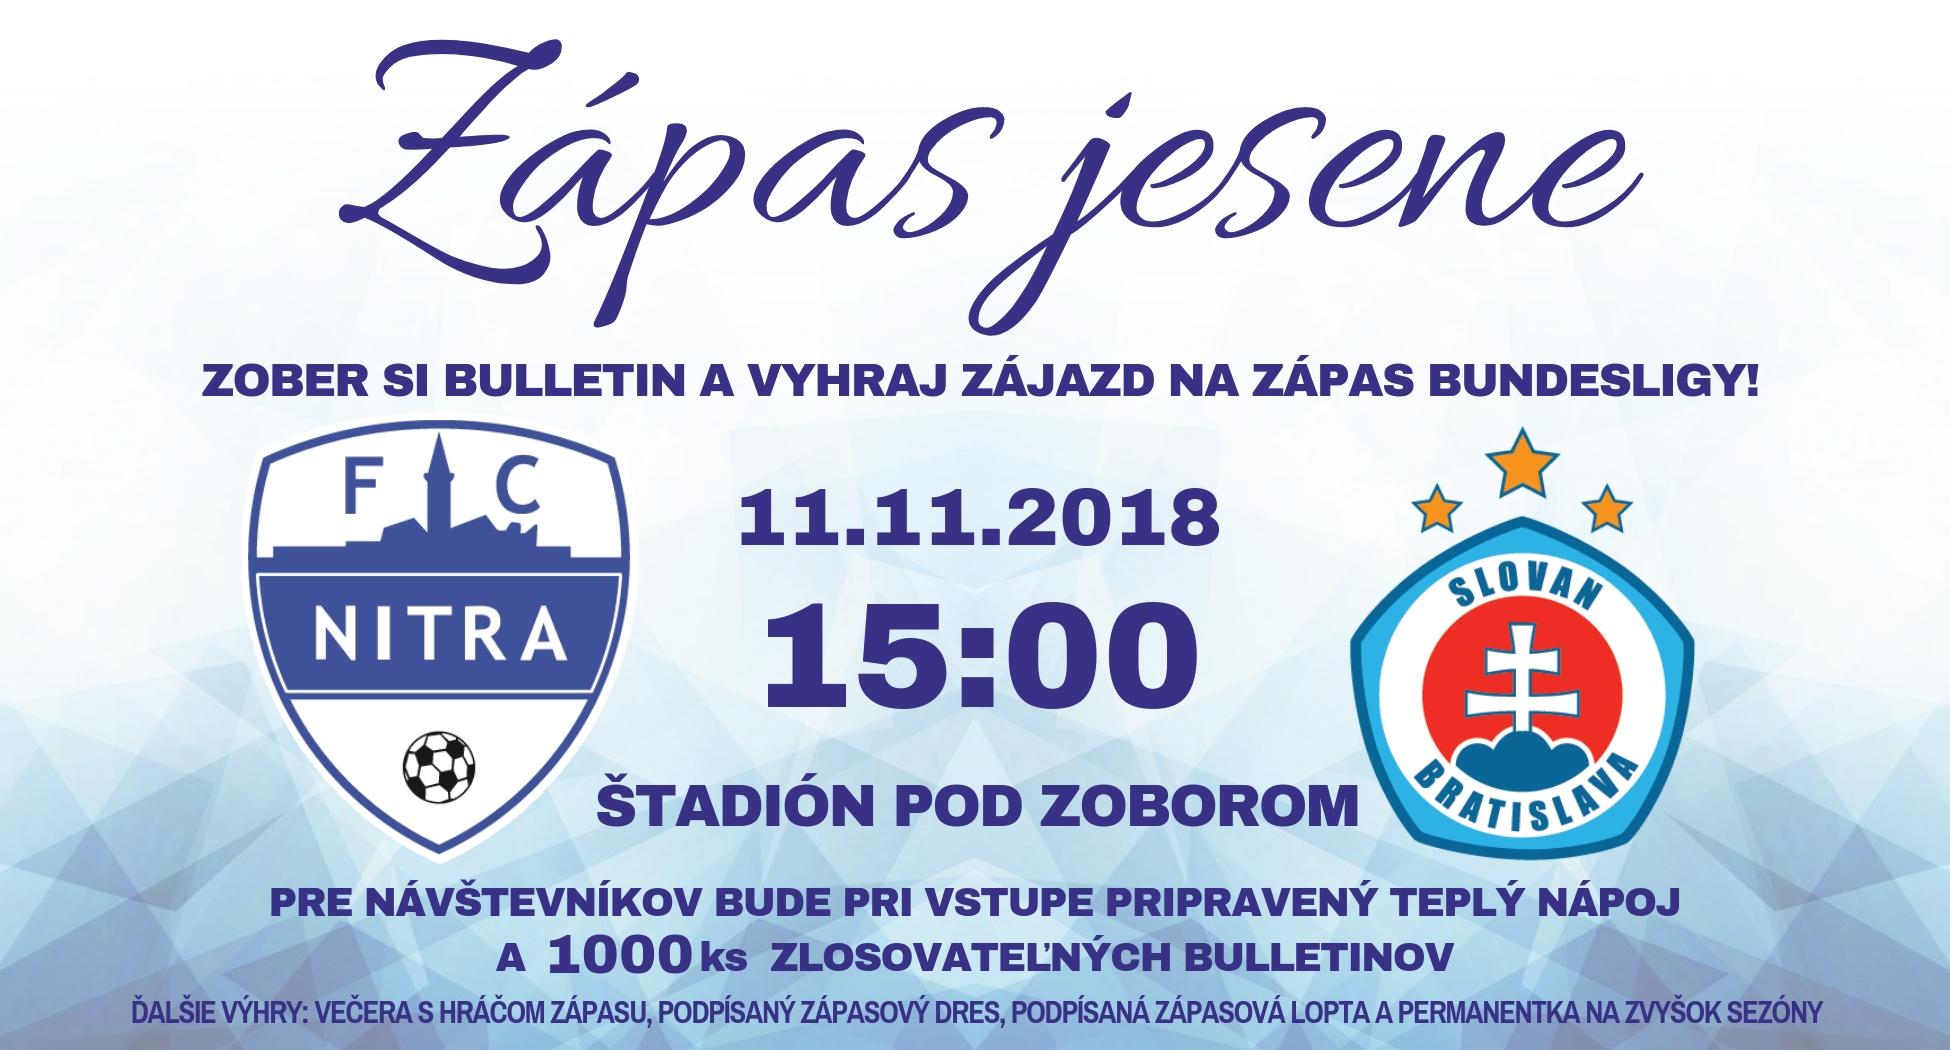 df9eedcf84b71 Jesenný zápas futbalových titánov FC NITRA - Kam v meste | moja Nitra